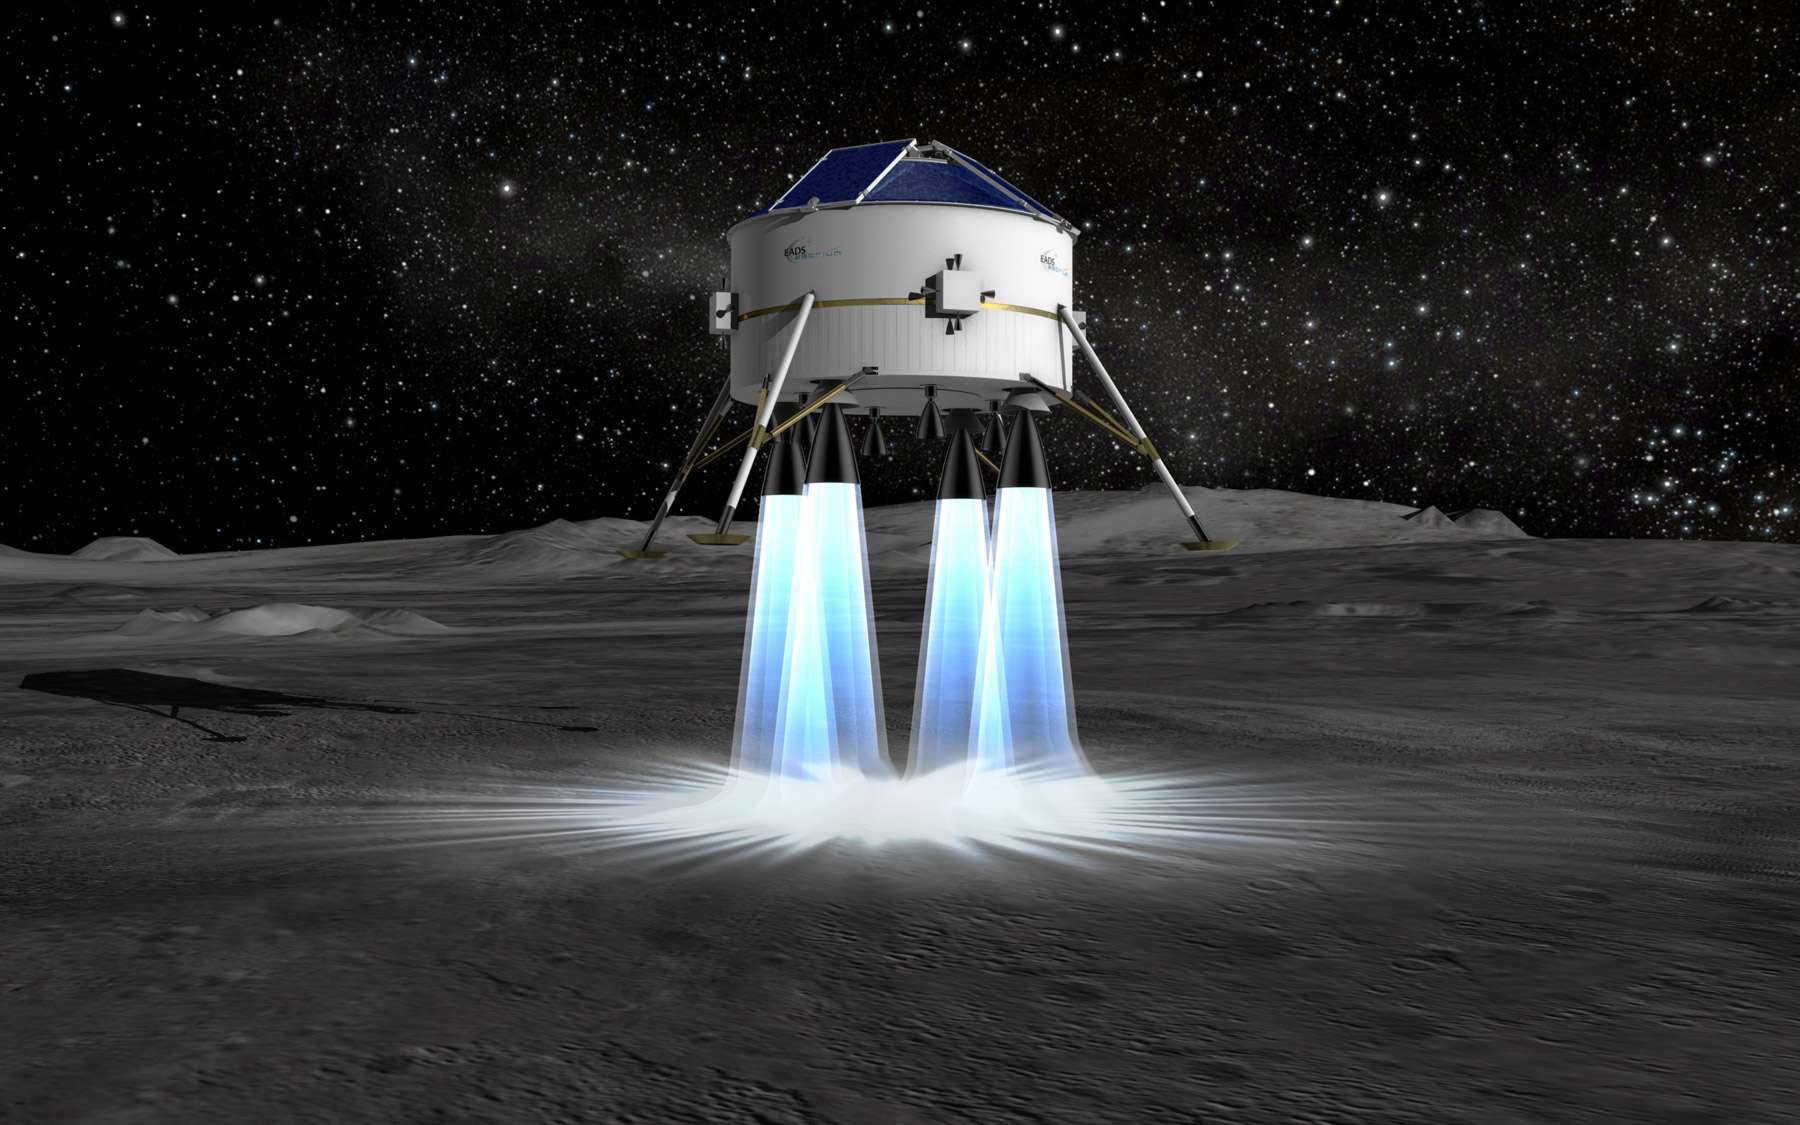 Pour l'Europe, ce serait évidemment une grande première que de débarquer sur la Lune. Sa seule mission lunaire a consisté à envoyer autour de la Lune en 2003 le petit démonstrateur Smart-1 propulsé par un moteur ionique. © Astrium